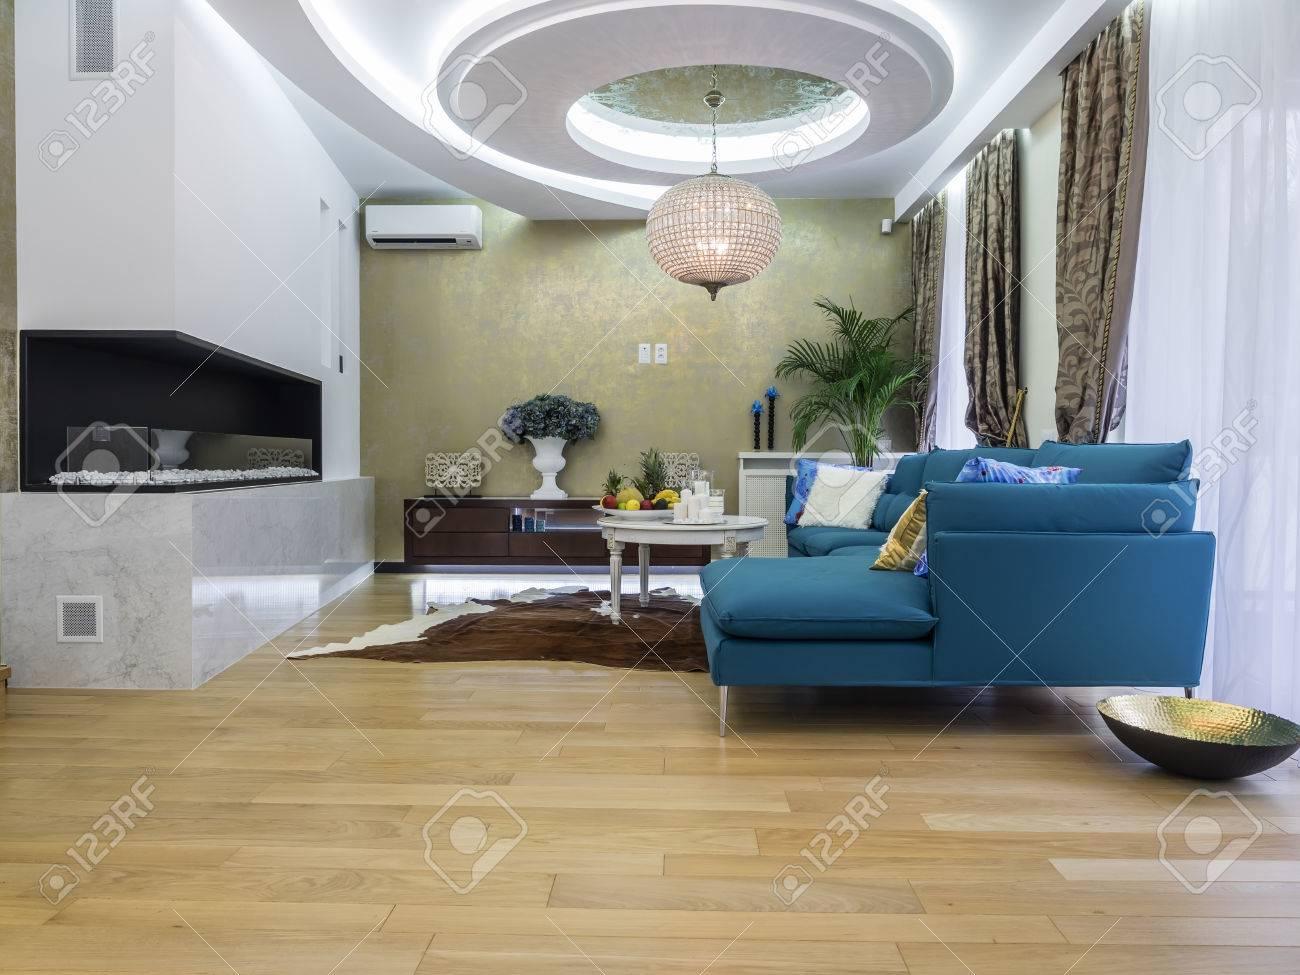 https://previews.123rf.com/images/vasileus/vasileus1507/vasileus150700054/42448416-vivre-int%C3%A9rieur-de-la-chambre-.jpg